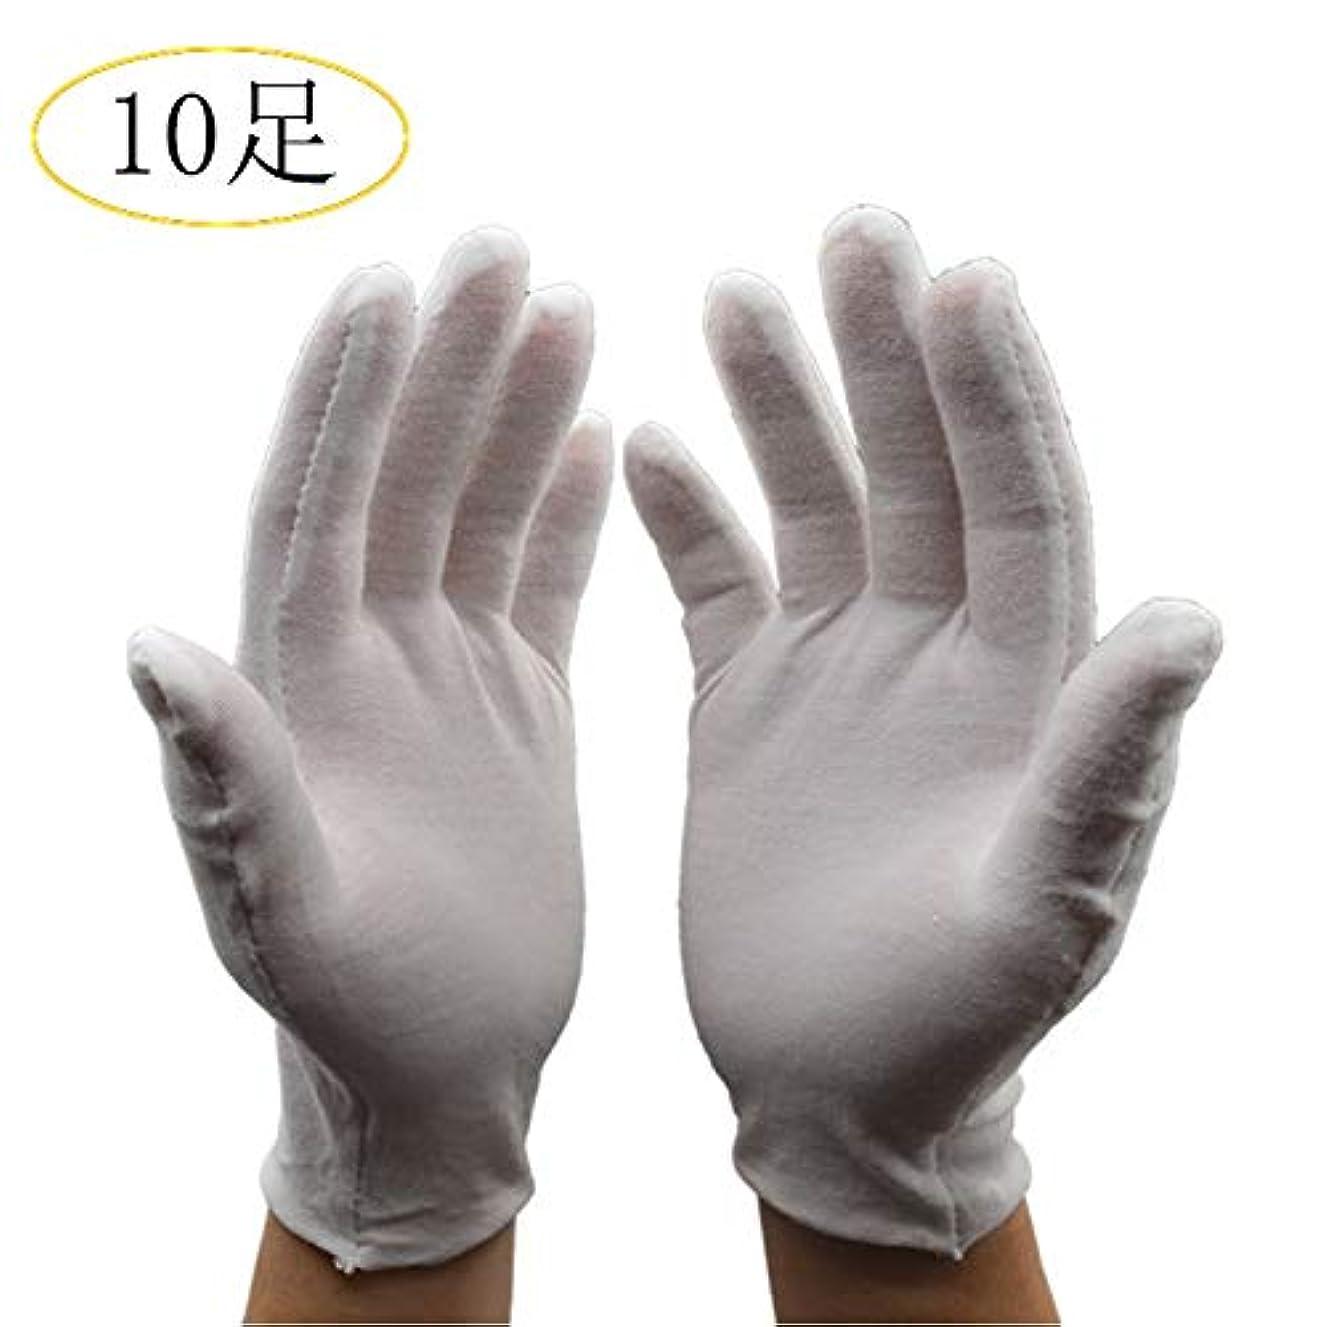 誠意発行する専門ZMiw コットン手袋 綿手袋 インナーコットン手袋 ガーデニング用手袋 20枚入り 手荒れ 手袋 Sサイズ 湿疹用 乾燥肌用 保湿用 家事用 礼装用